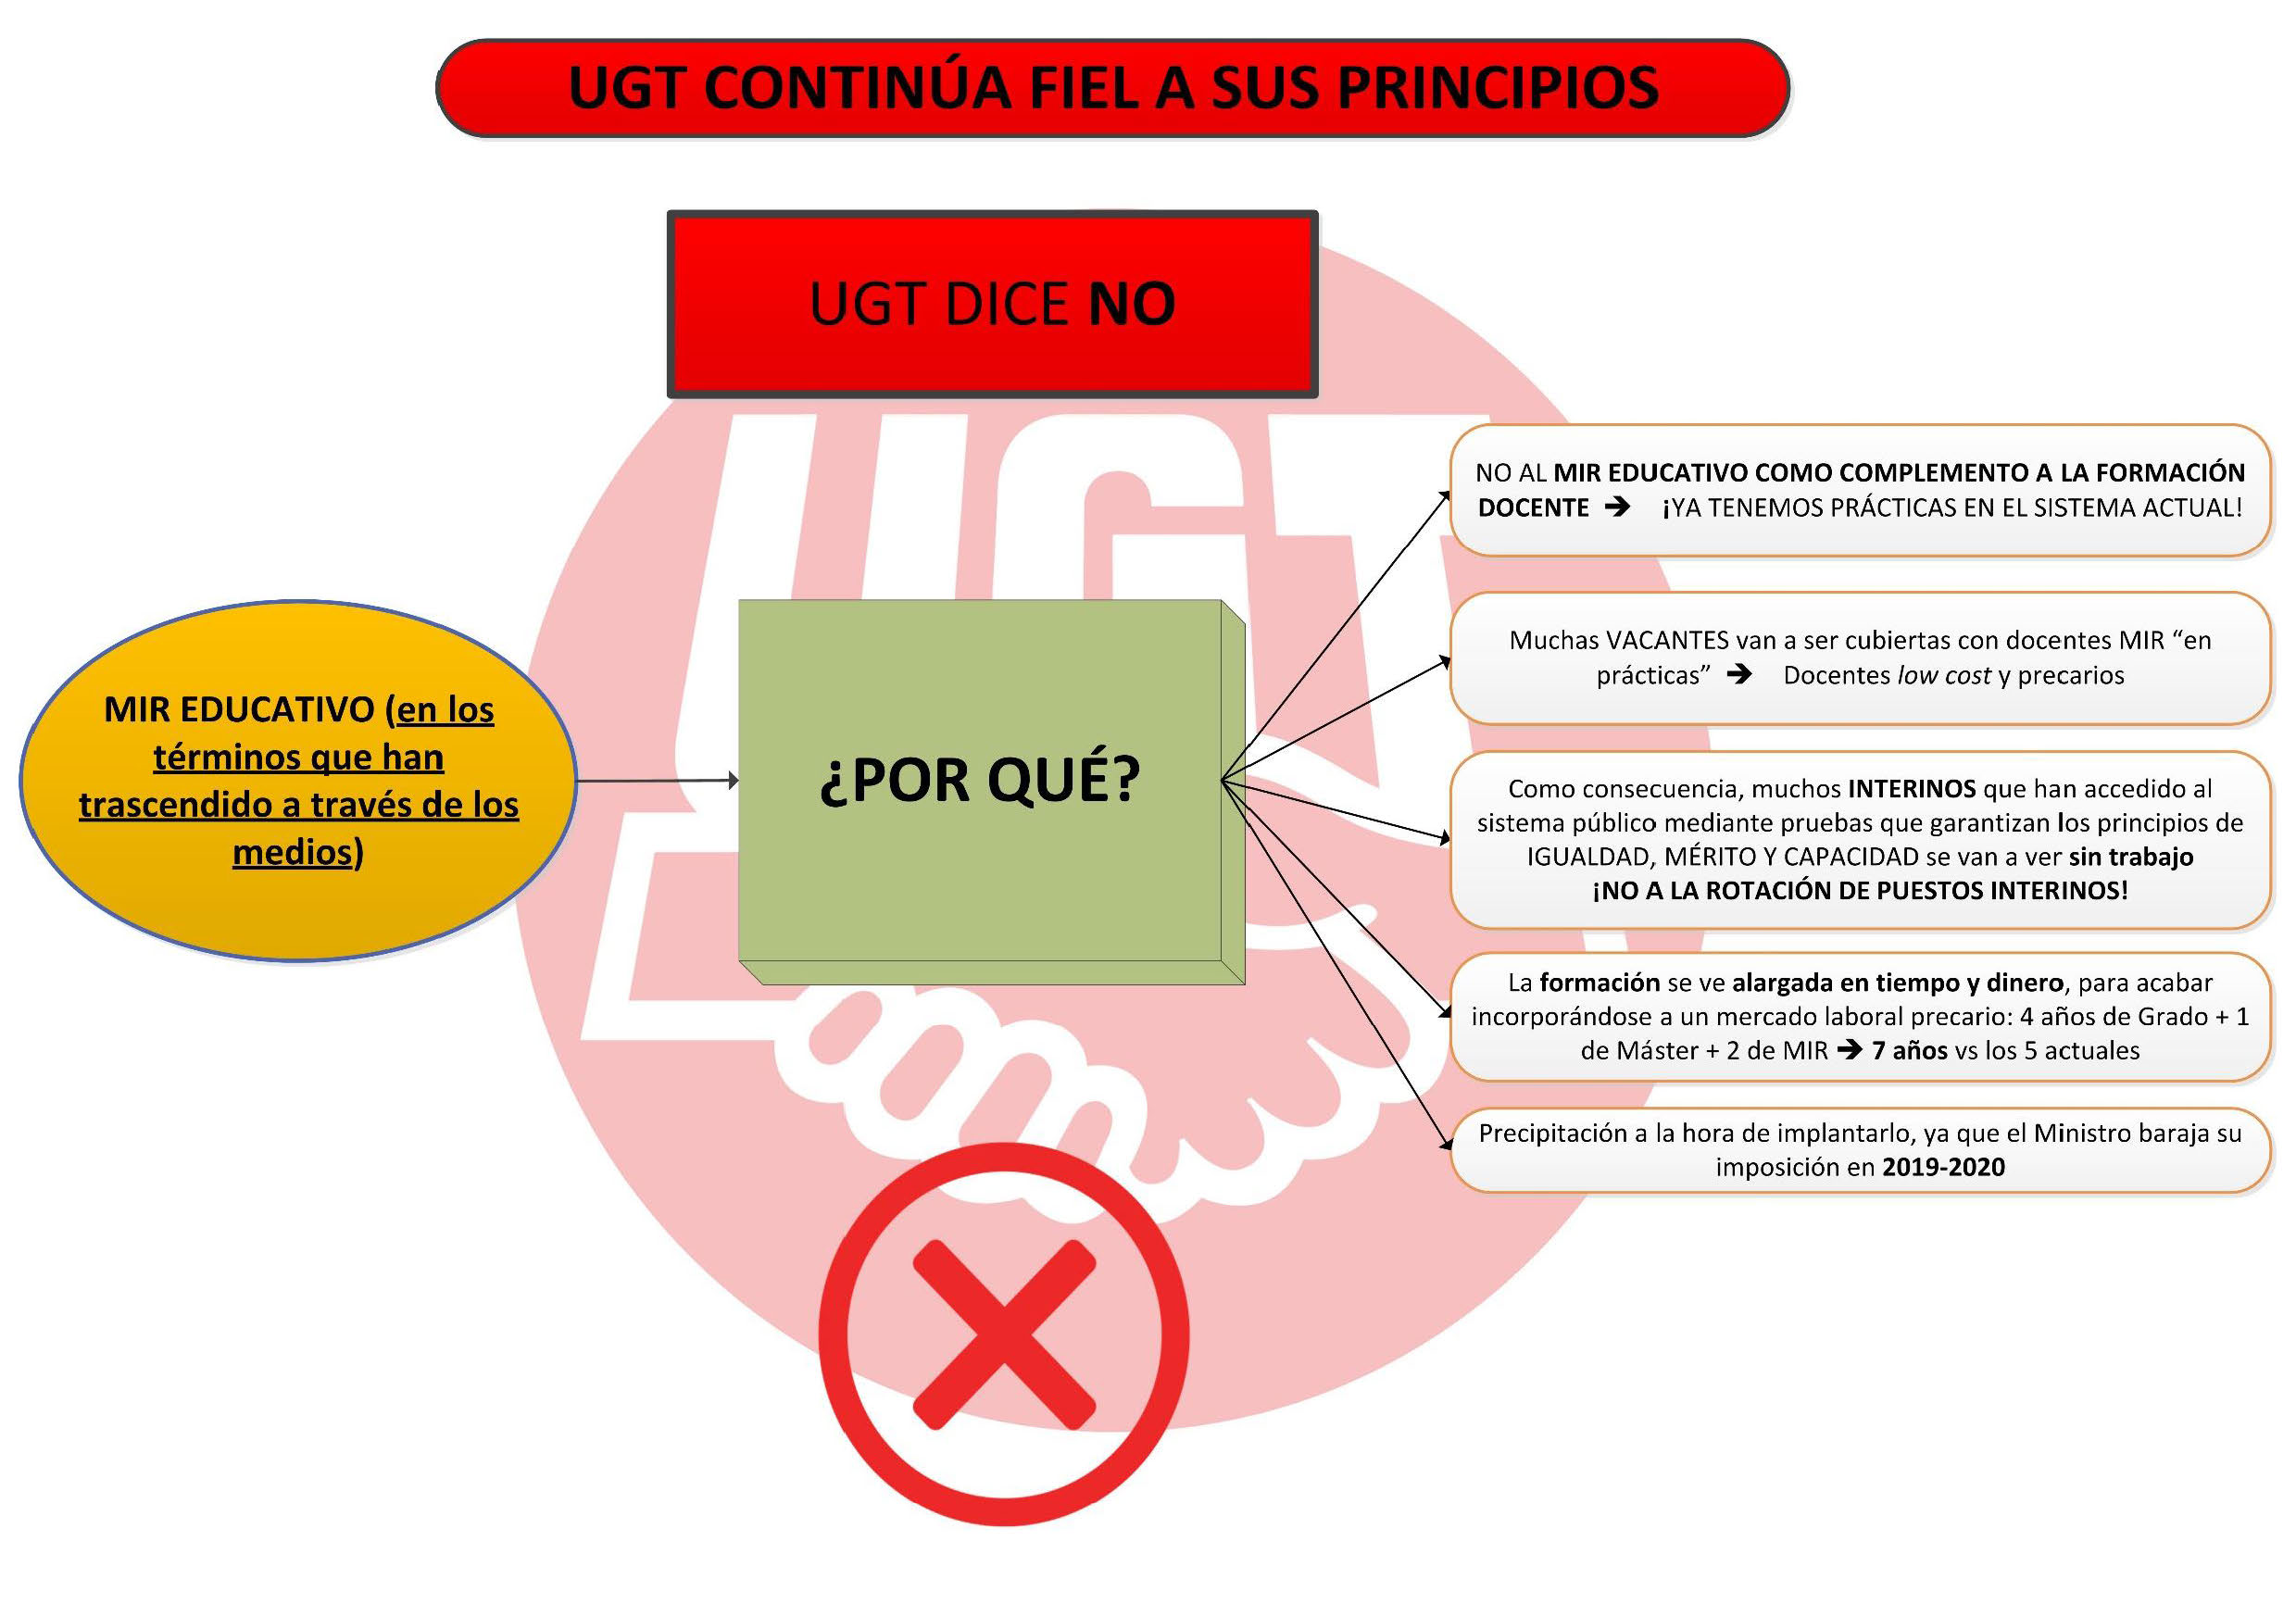 Lujoso Reanudar Muestras Para Profesores Sin Experiencia Pdf ...